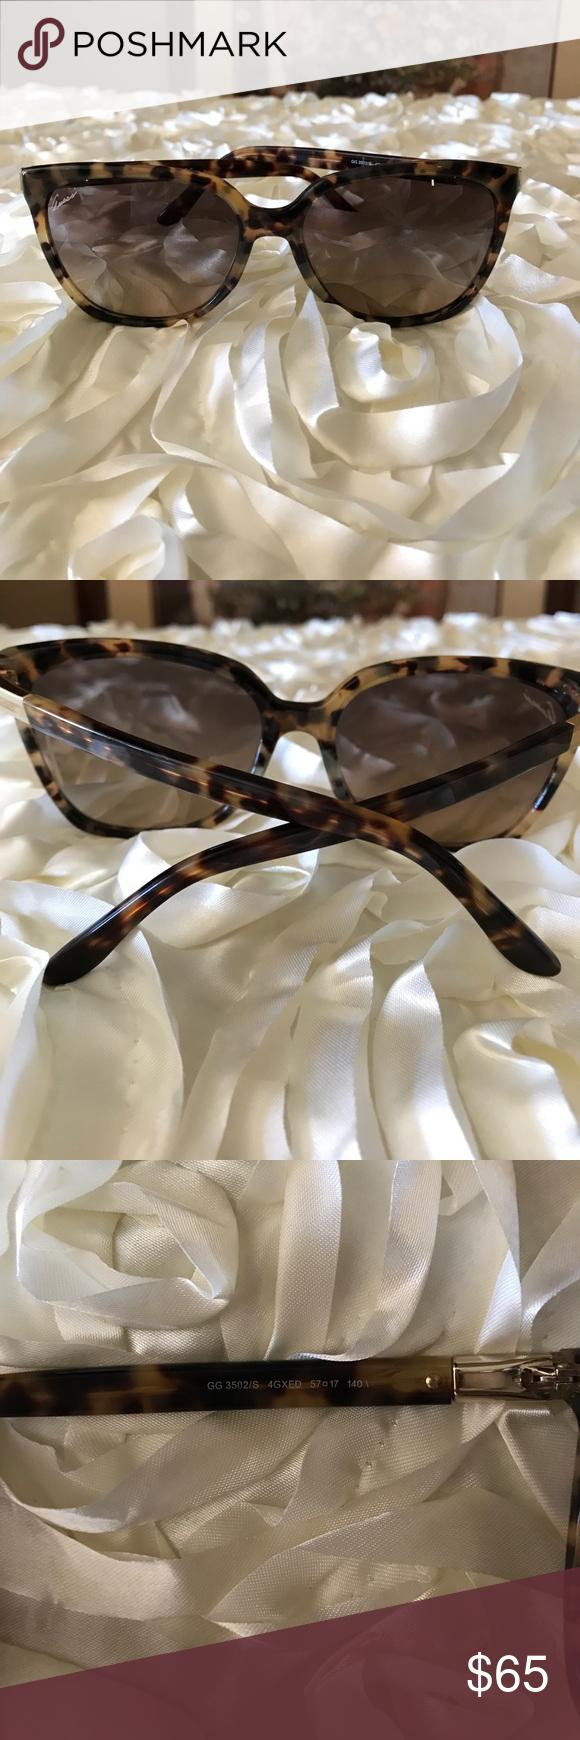 d3da569d18a98 Gucci Sunglasses Please read description carefully Authentic Gucci Tortoise  shell Colored Sunglasses GG 3502